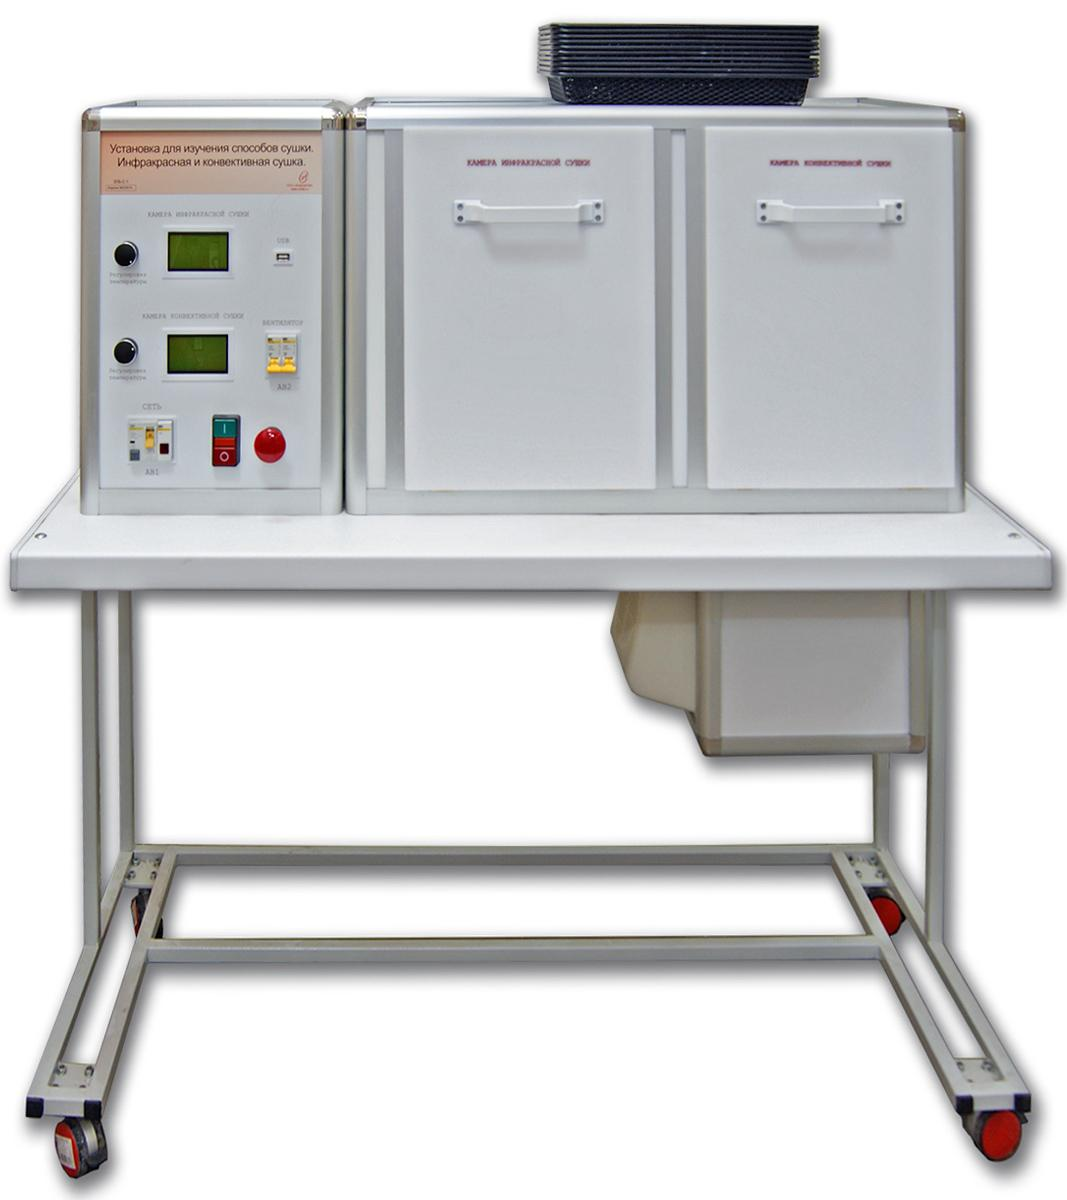 Типовой комплект учебного оборудования для изучения различных способов сушки (инфракрасная сушка, конвективная сушка)